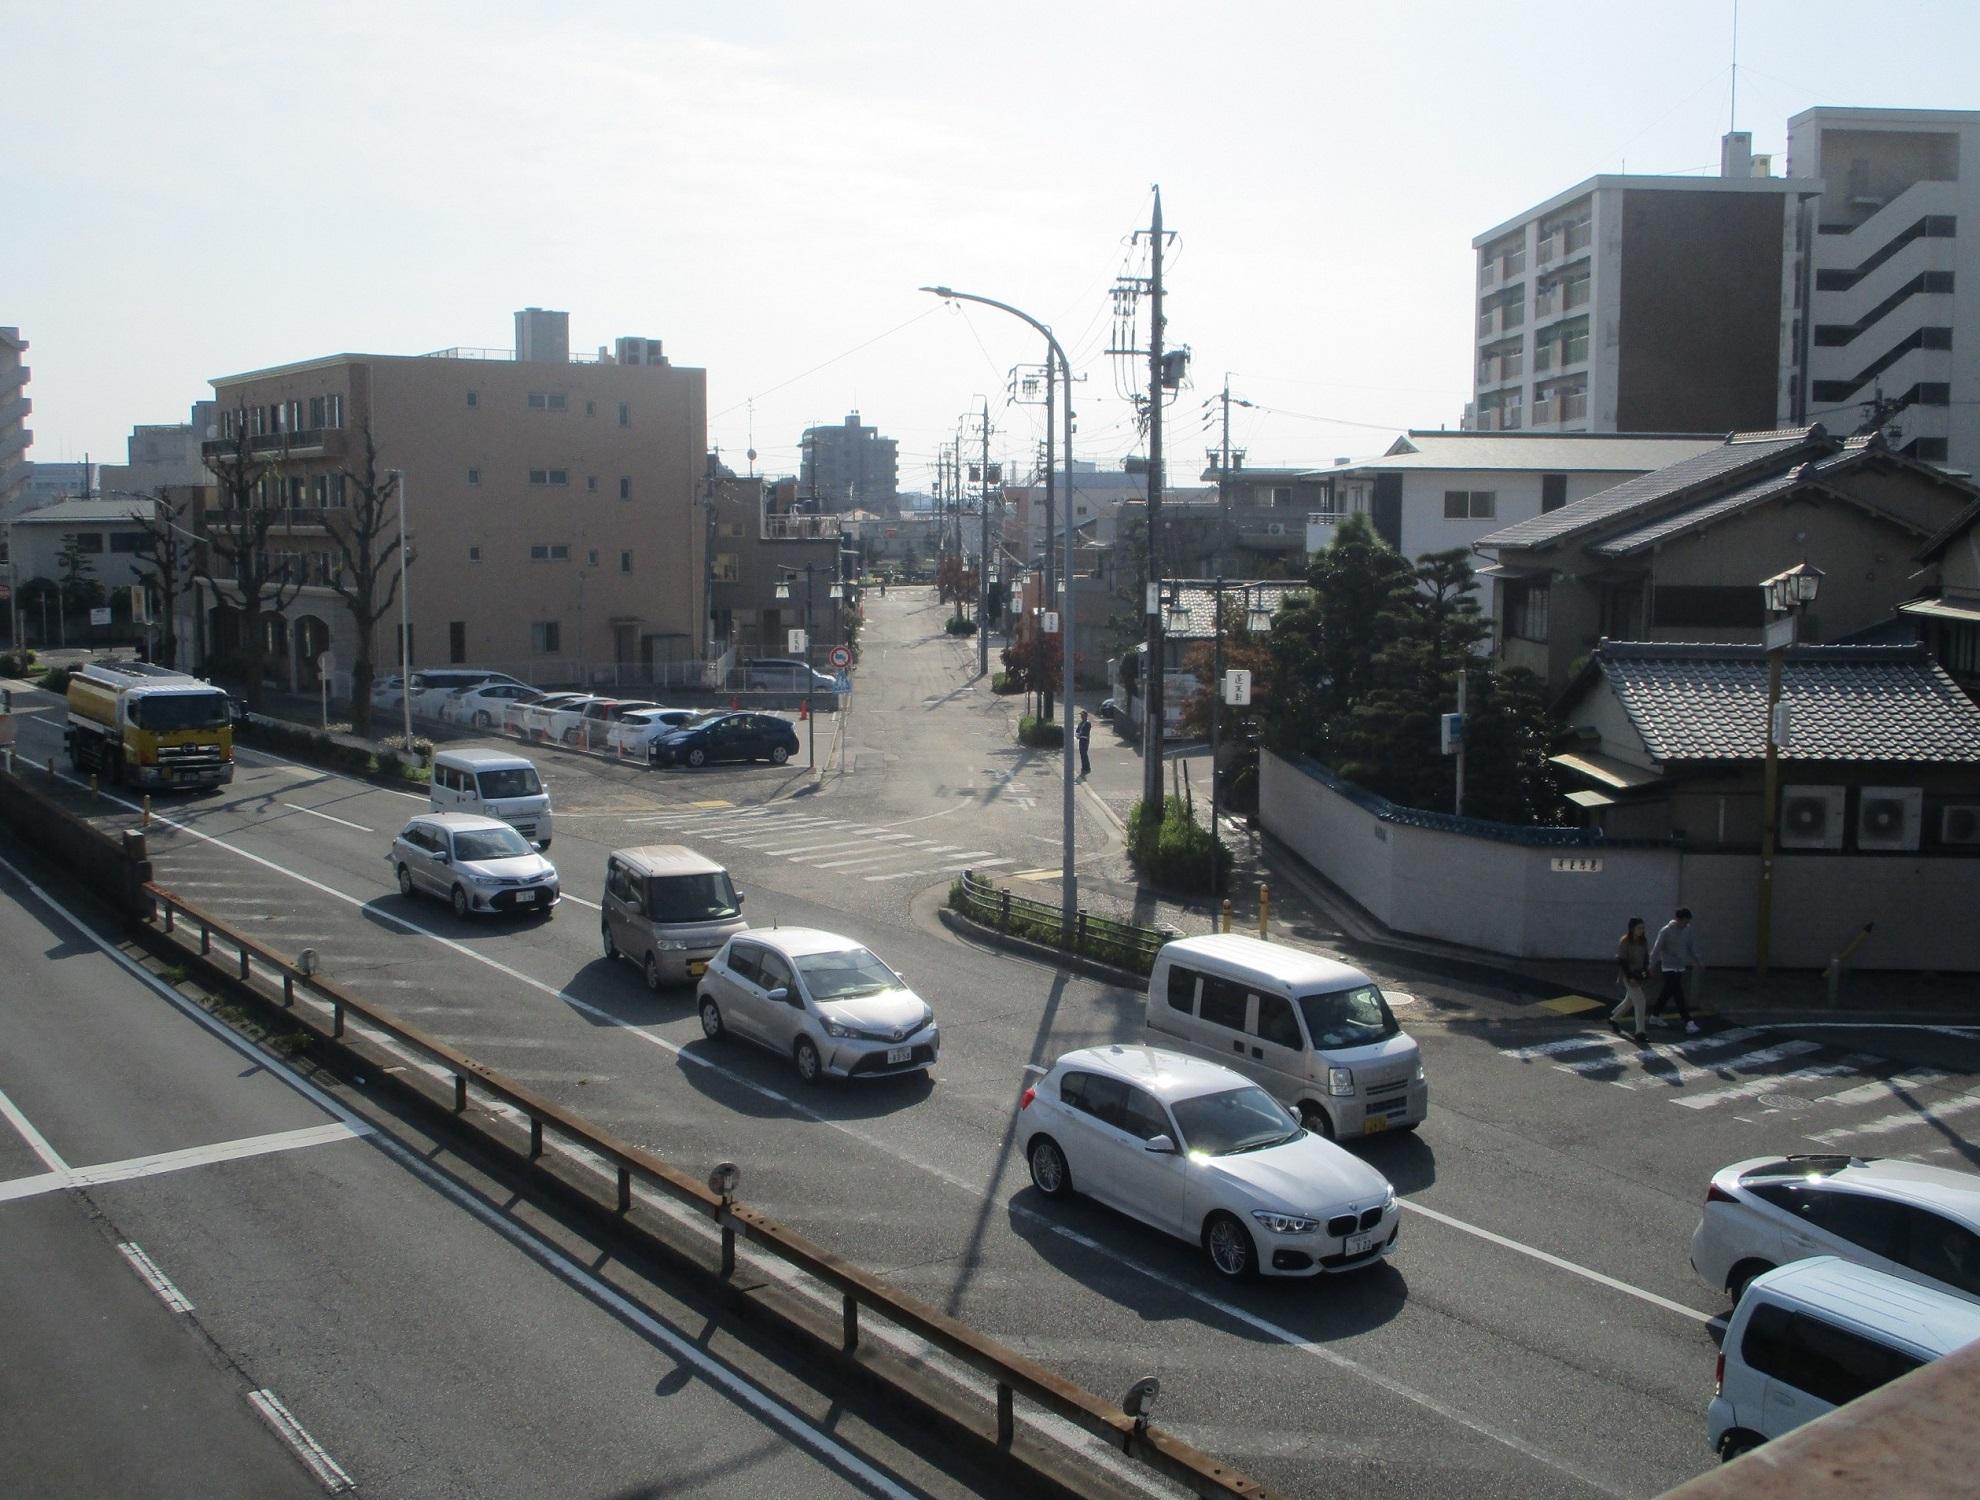 2019.10.31 (32) 宮宿 - 宮のわたし歩道橋からみなみをみる 1980-1500